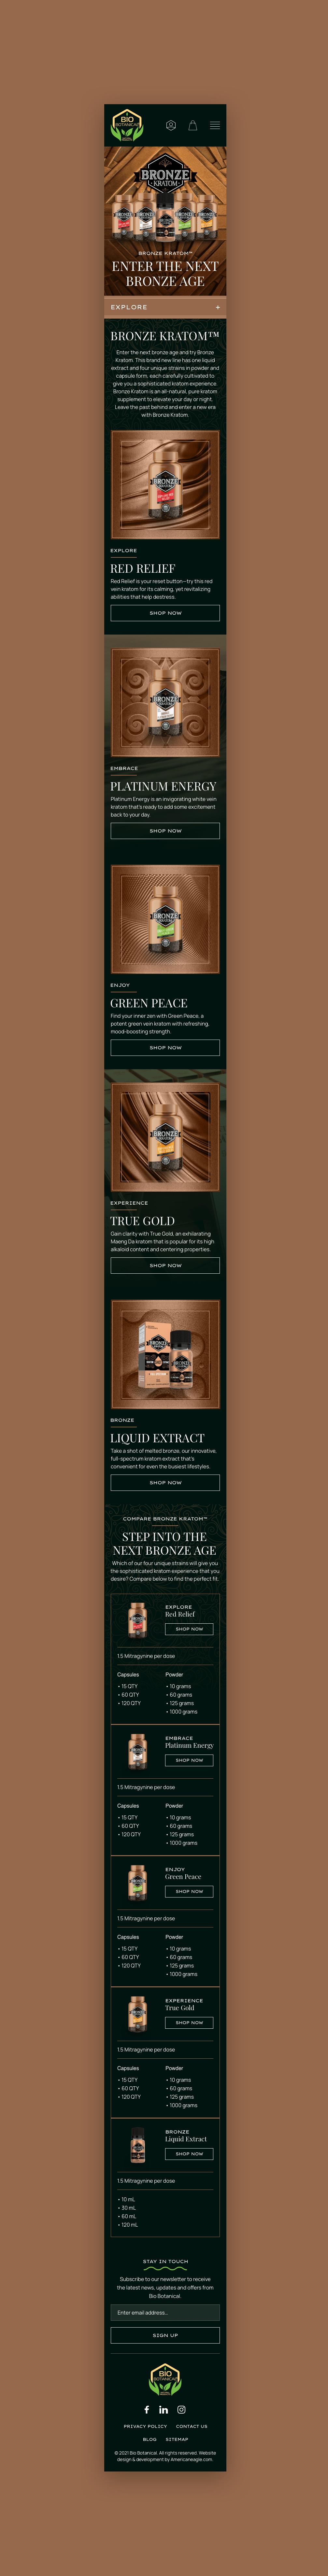 Bronze Mobile